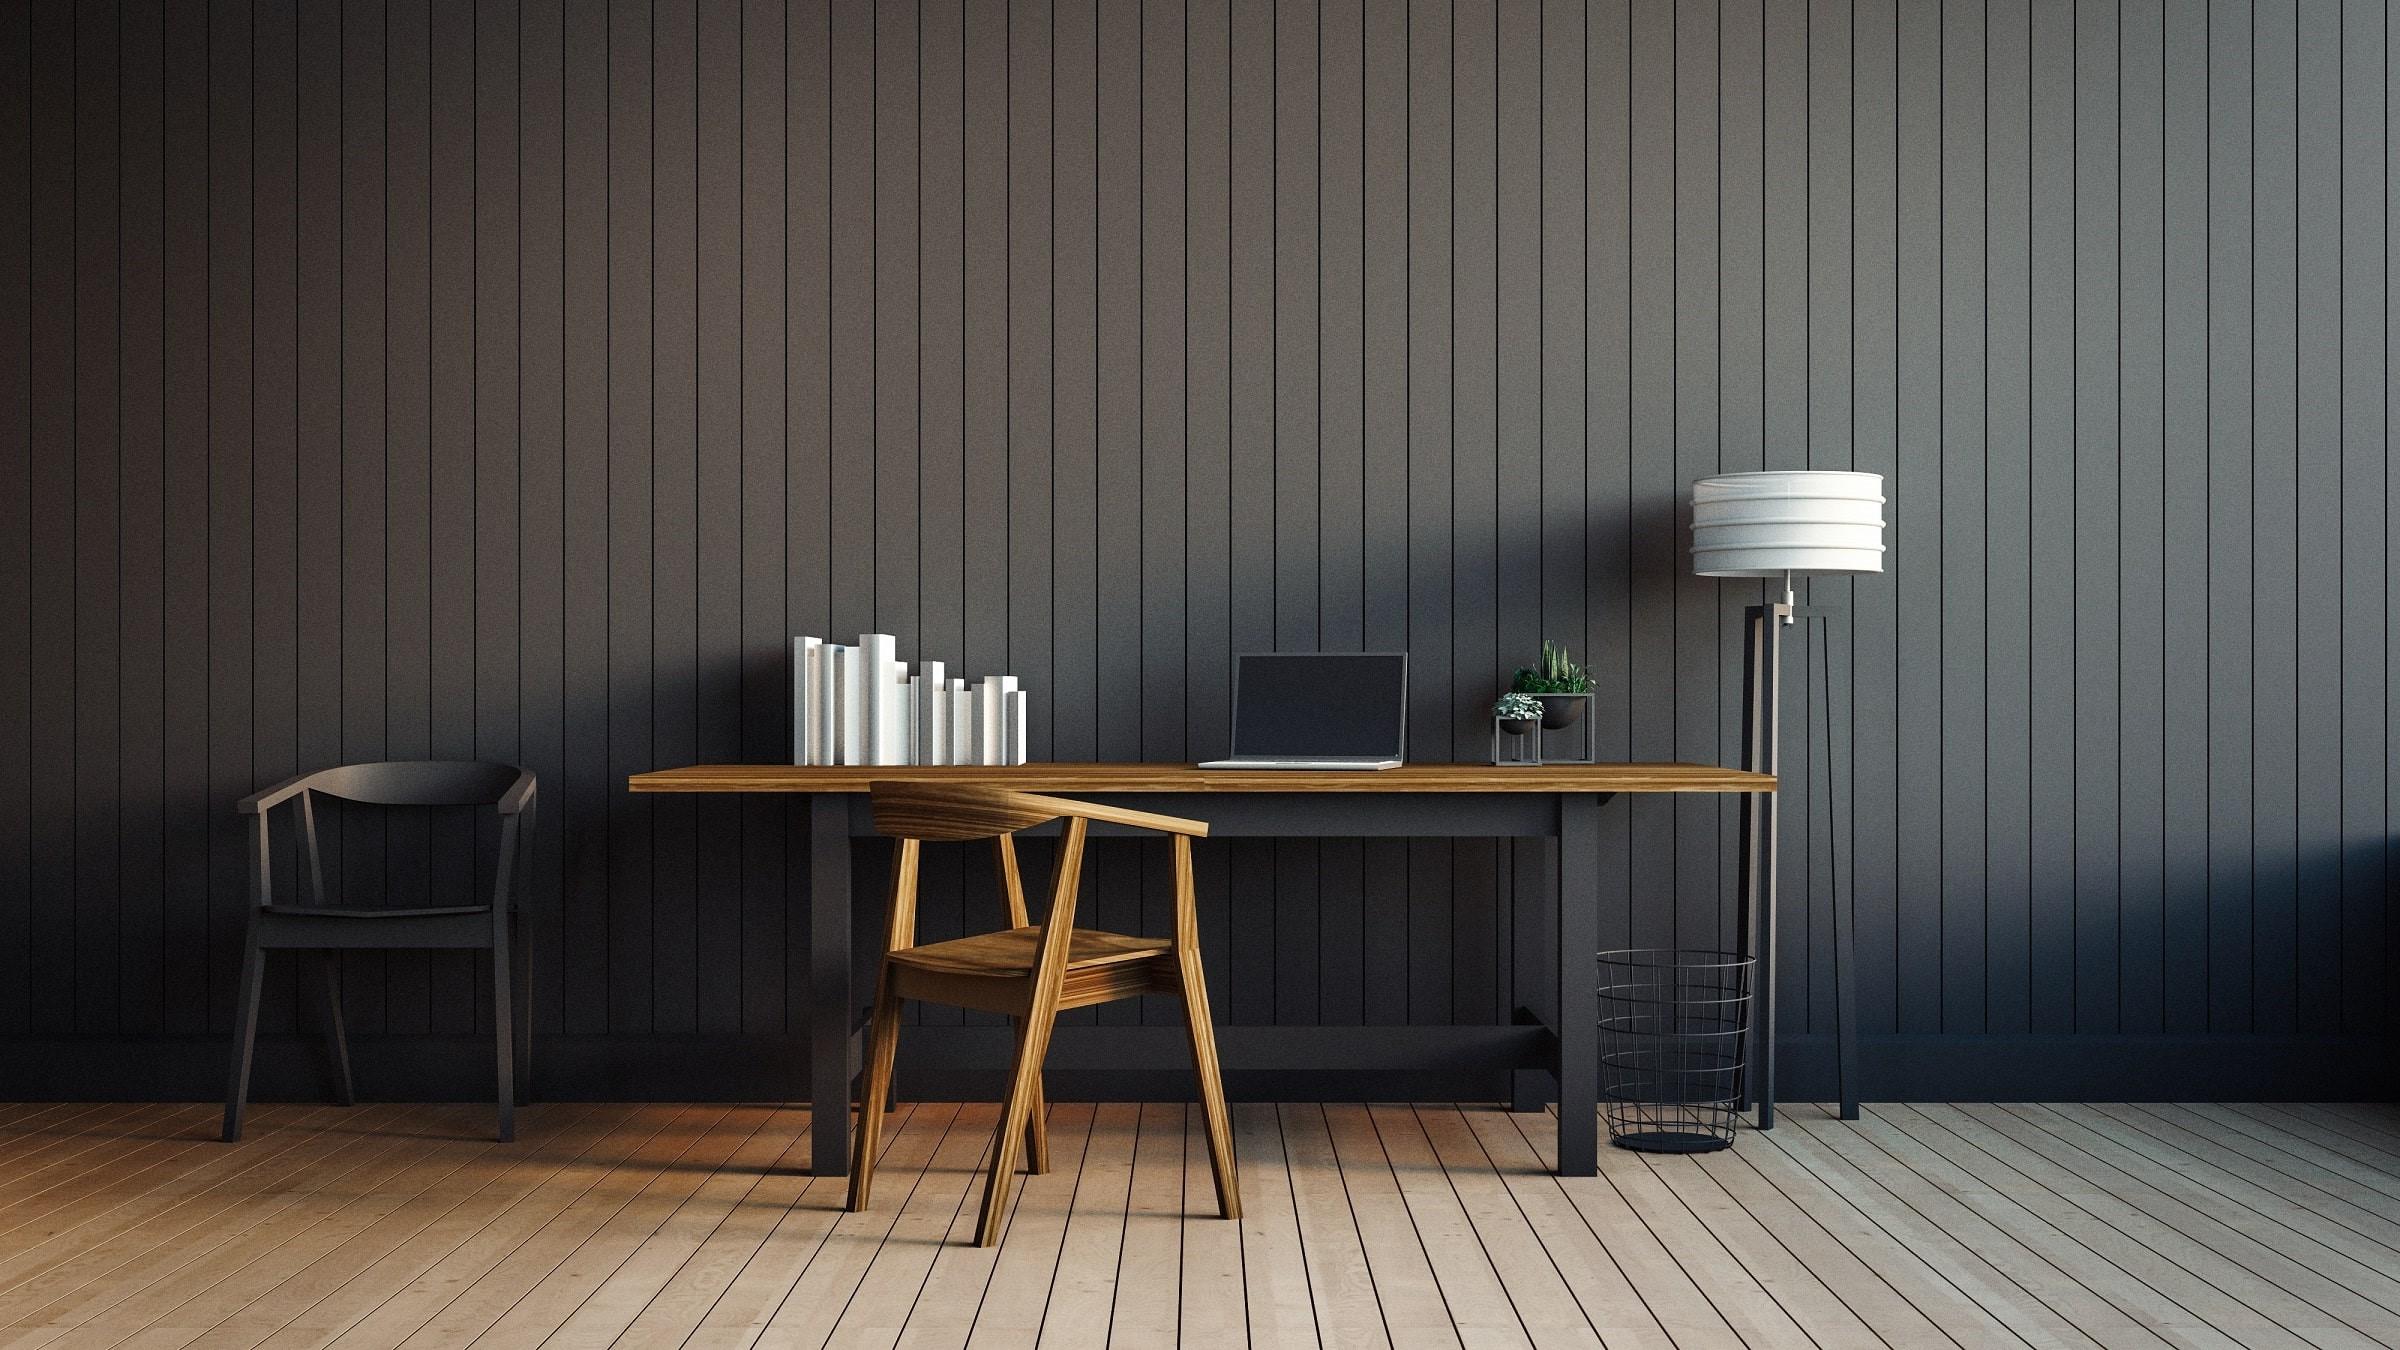 Tendances parquet en 2020: Créez un contraste entre le plancher et la couleur des murs.